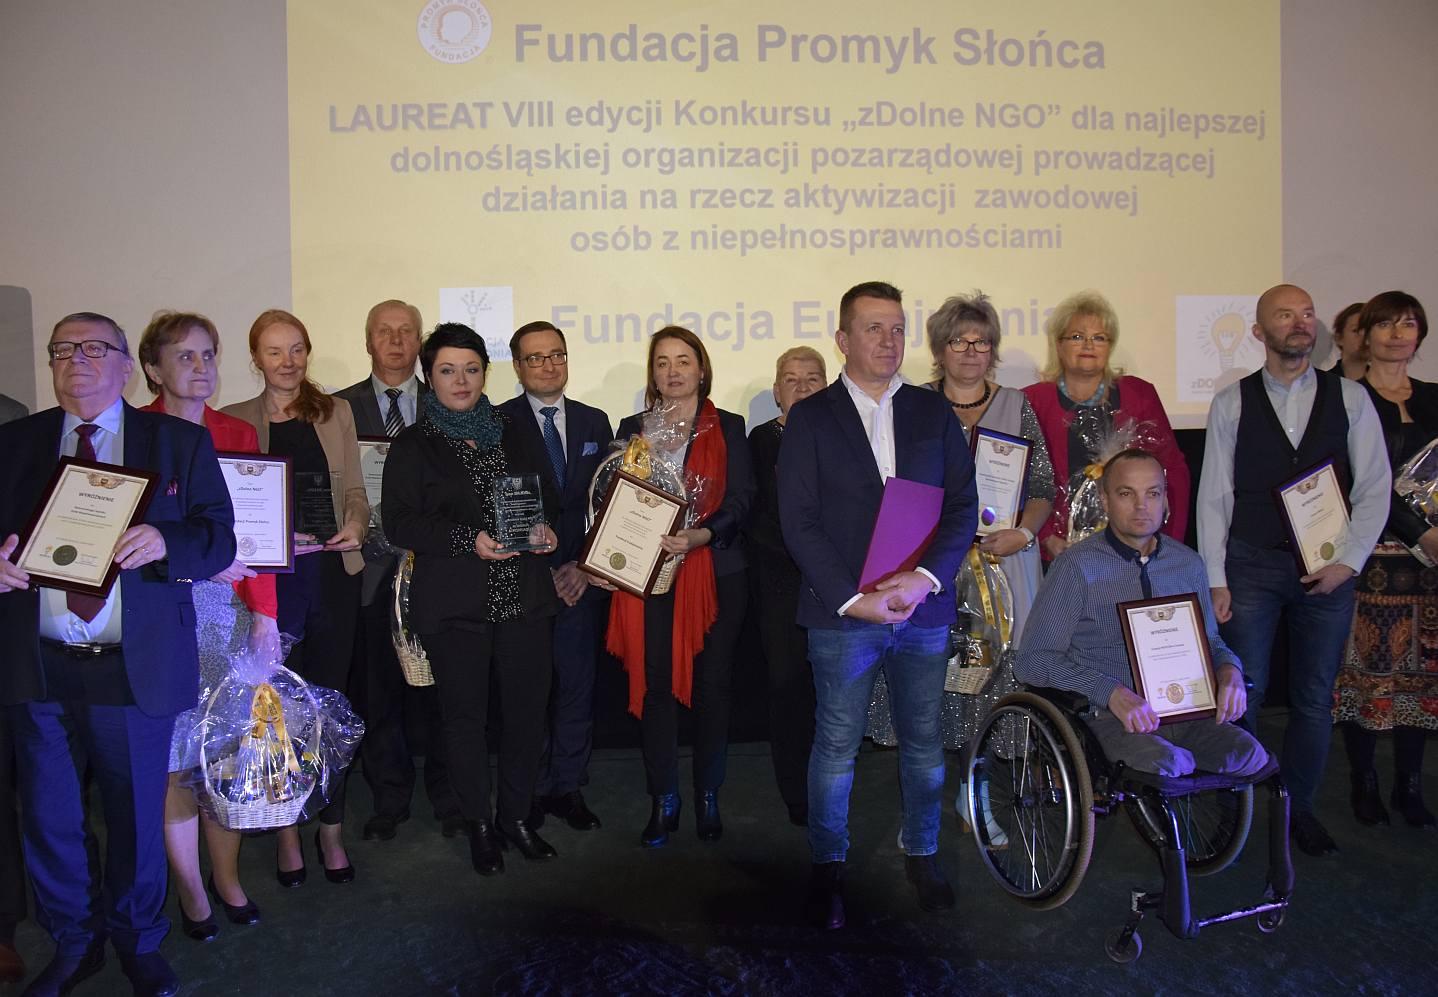 zDolne NGO nagrodzone